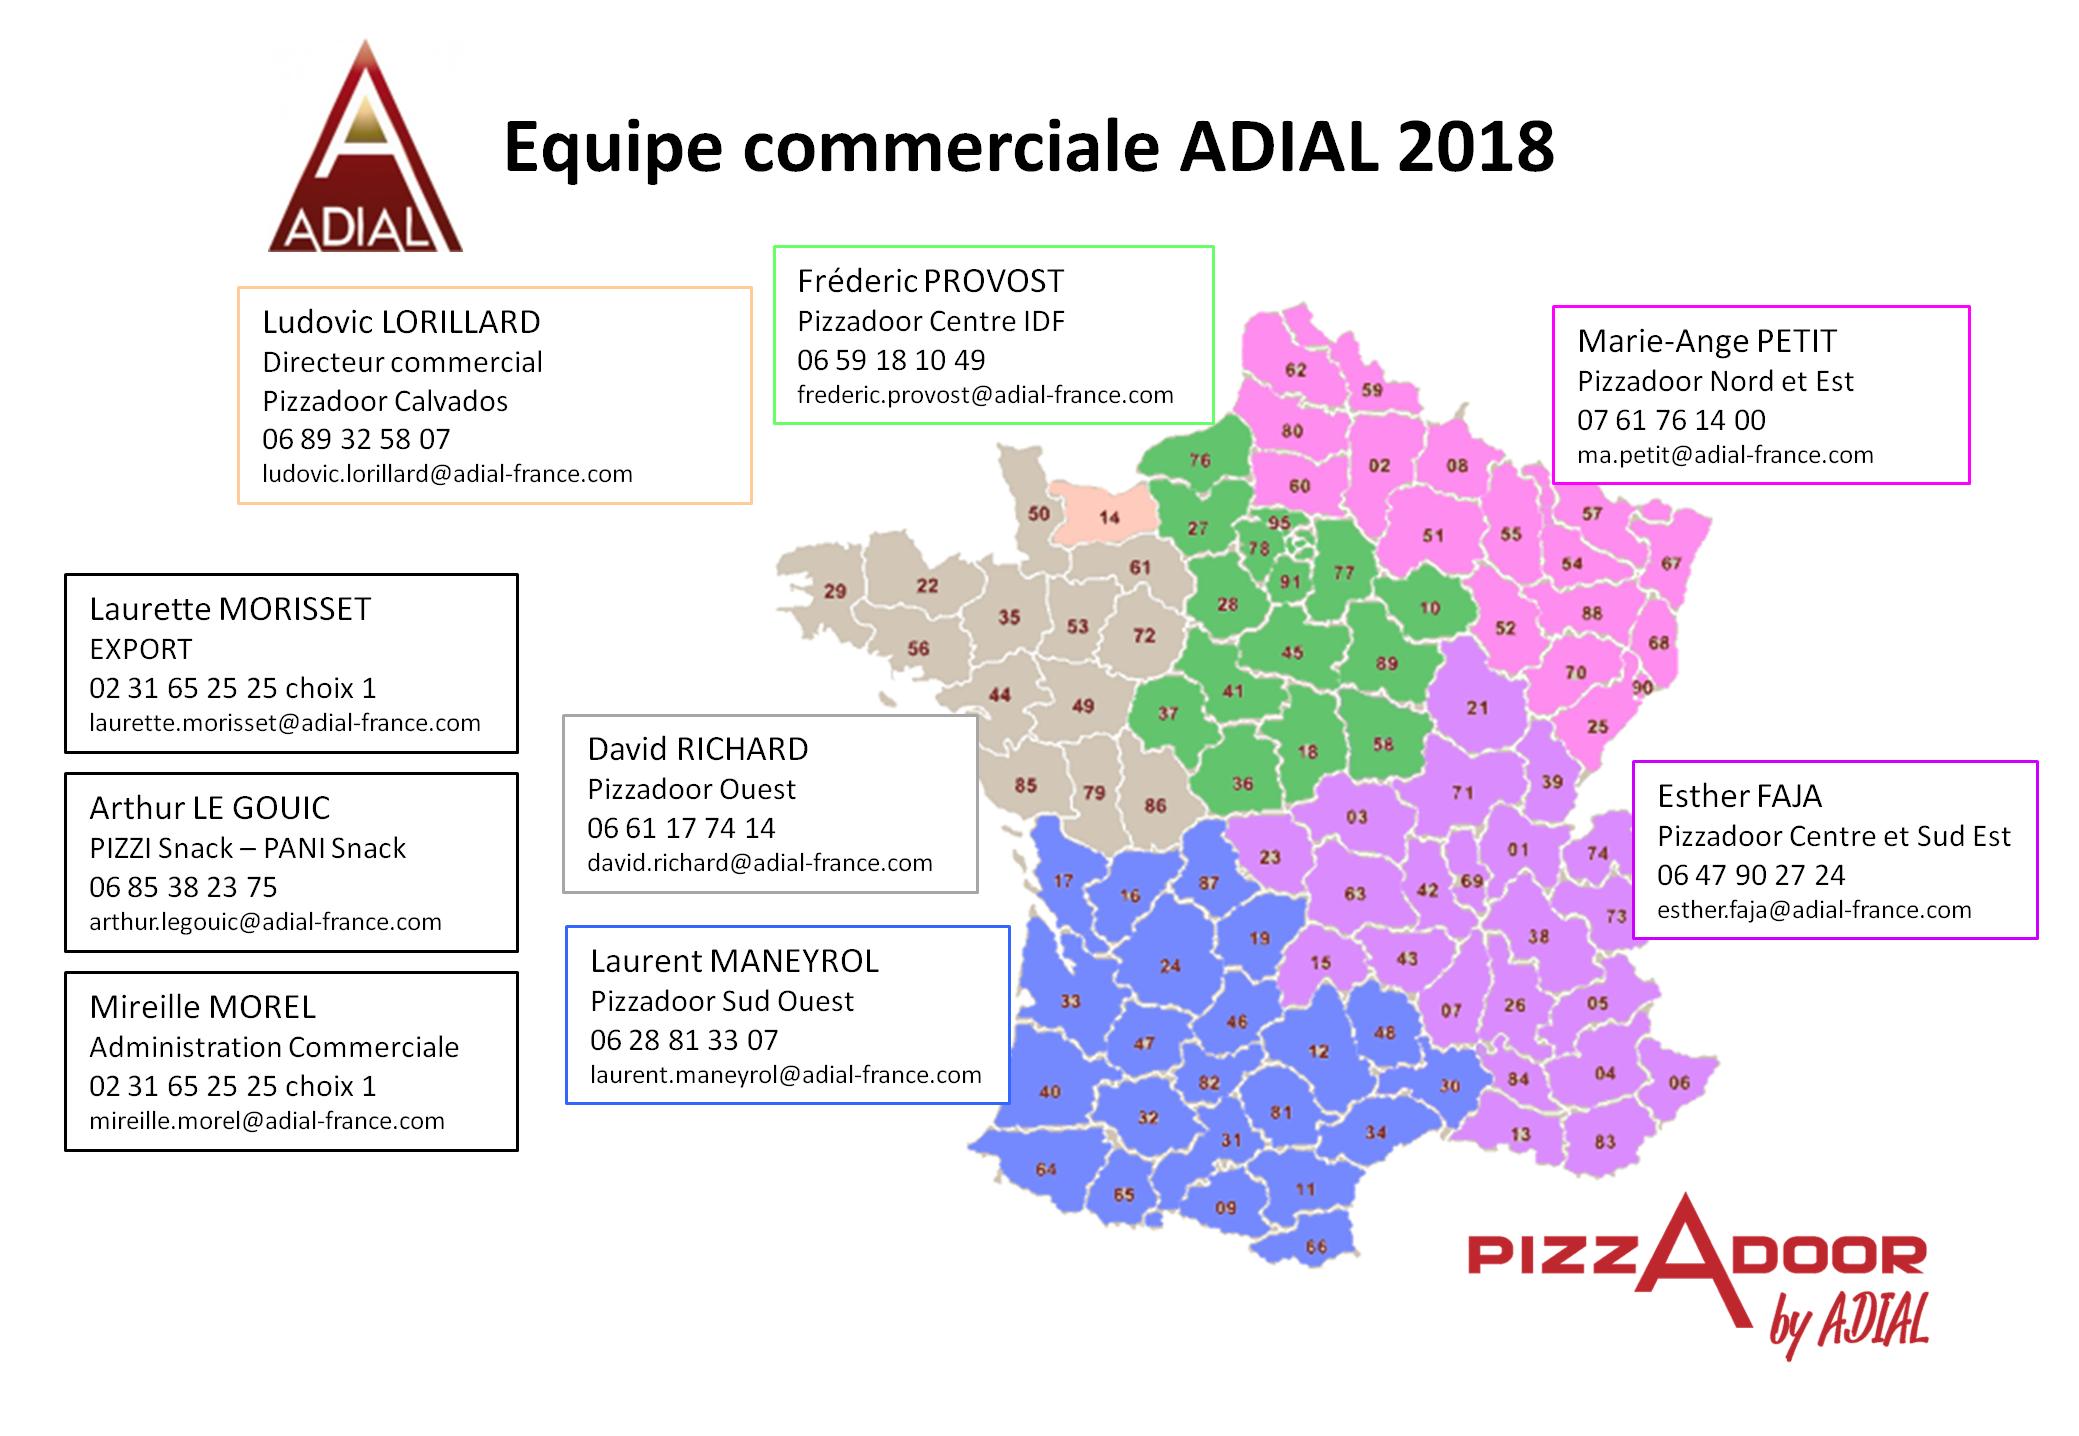 Carte contact commerciaux ADIAL janvier 2018